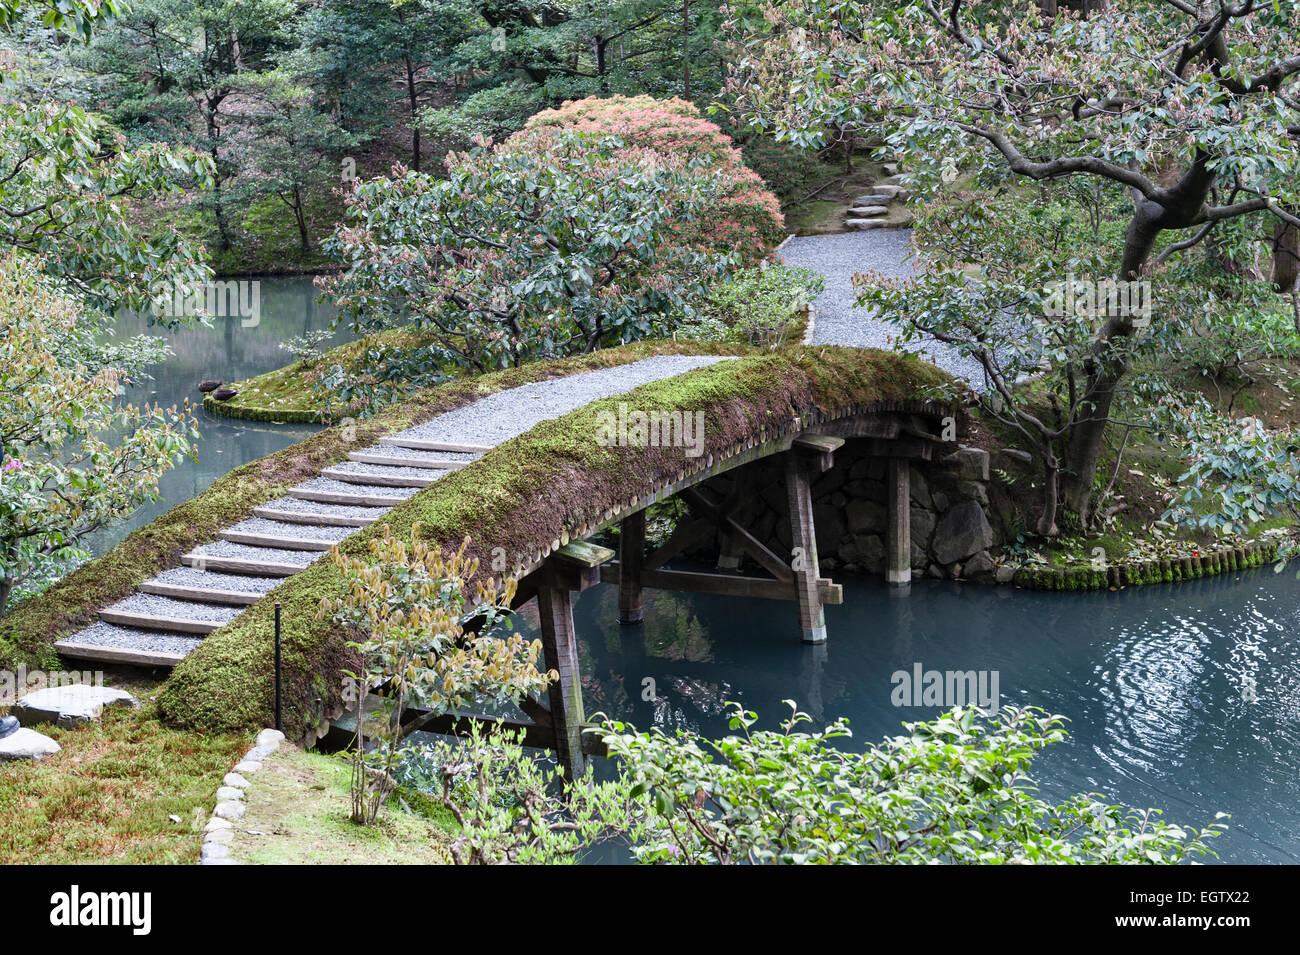 Kyoto, Japan. The gardens of the Katsura Imperial Villa (Katsura Stock Photo,...